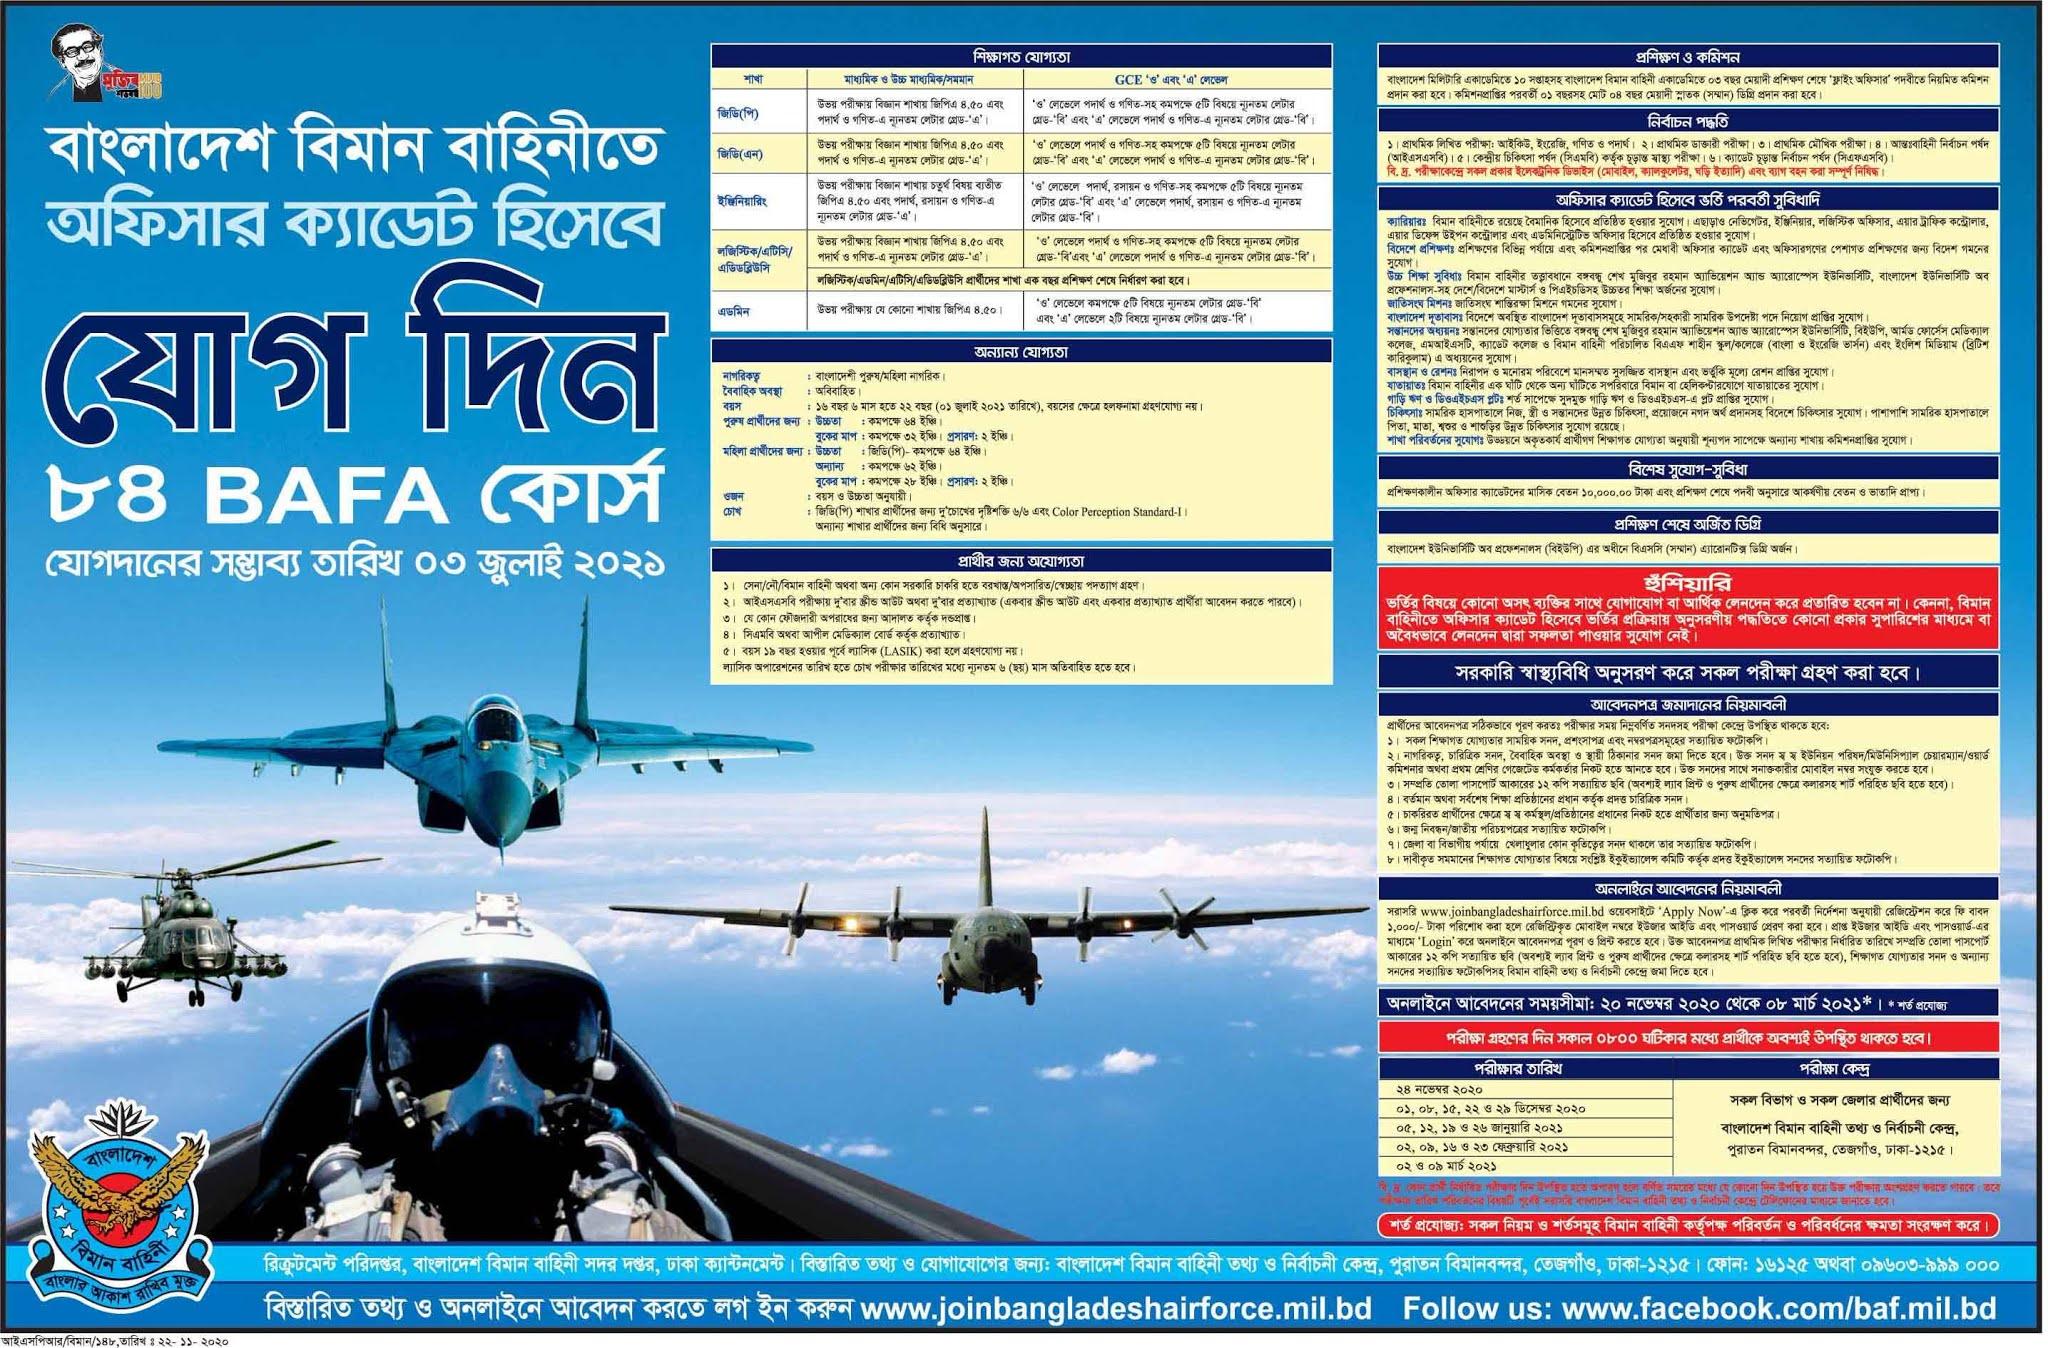 বাংলাদেশ বিমান বাহিনী নিয়োগ বিজ্ঞপ্তি ২০২১ - বাংলাদেশ বিমান বাহিনী নিয়োগ বিজ্ঞপ্তি 2021 - বাংলাদেশ বিমান বাহিনী নিয়োগ বিজ্ঞপ্তি ২০21